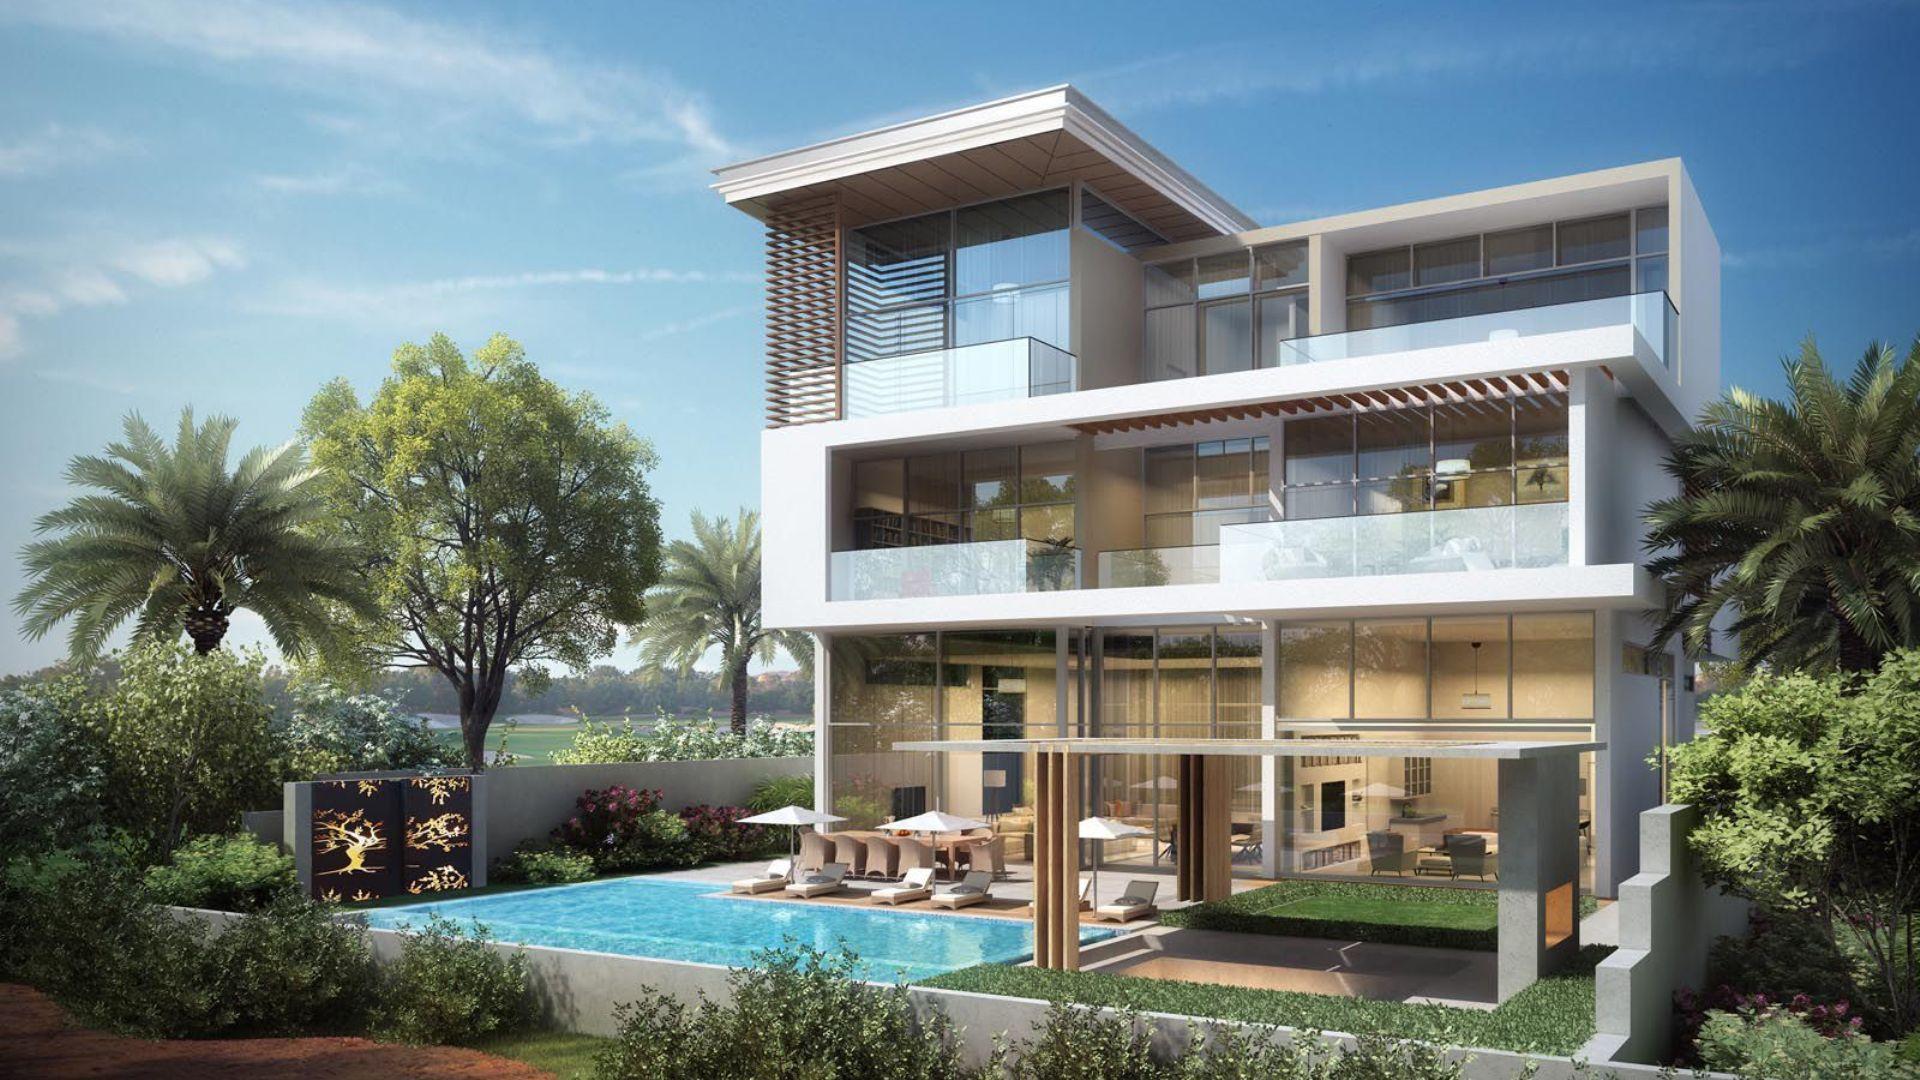 Villa for sale in Dubai, UAE, 6 bedrooms, 1117 m2, No. 24250 – photo 1